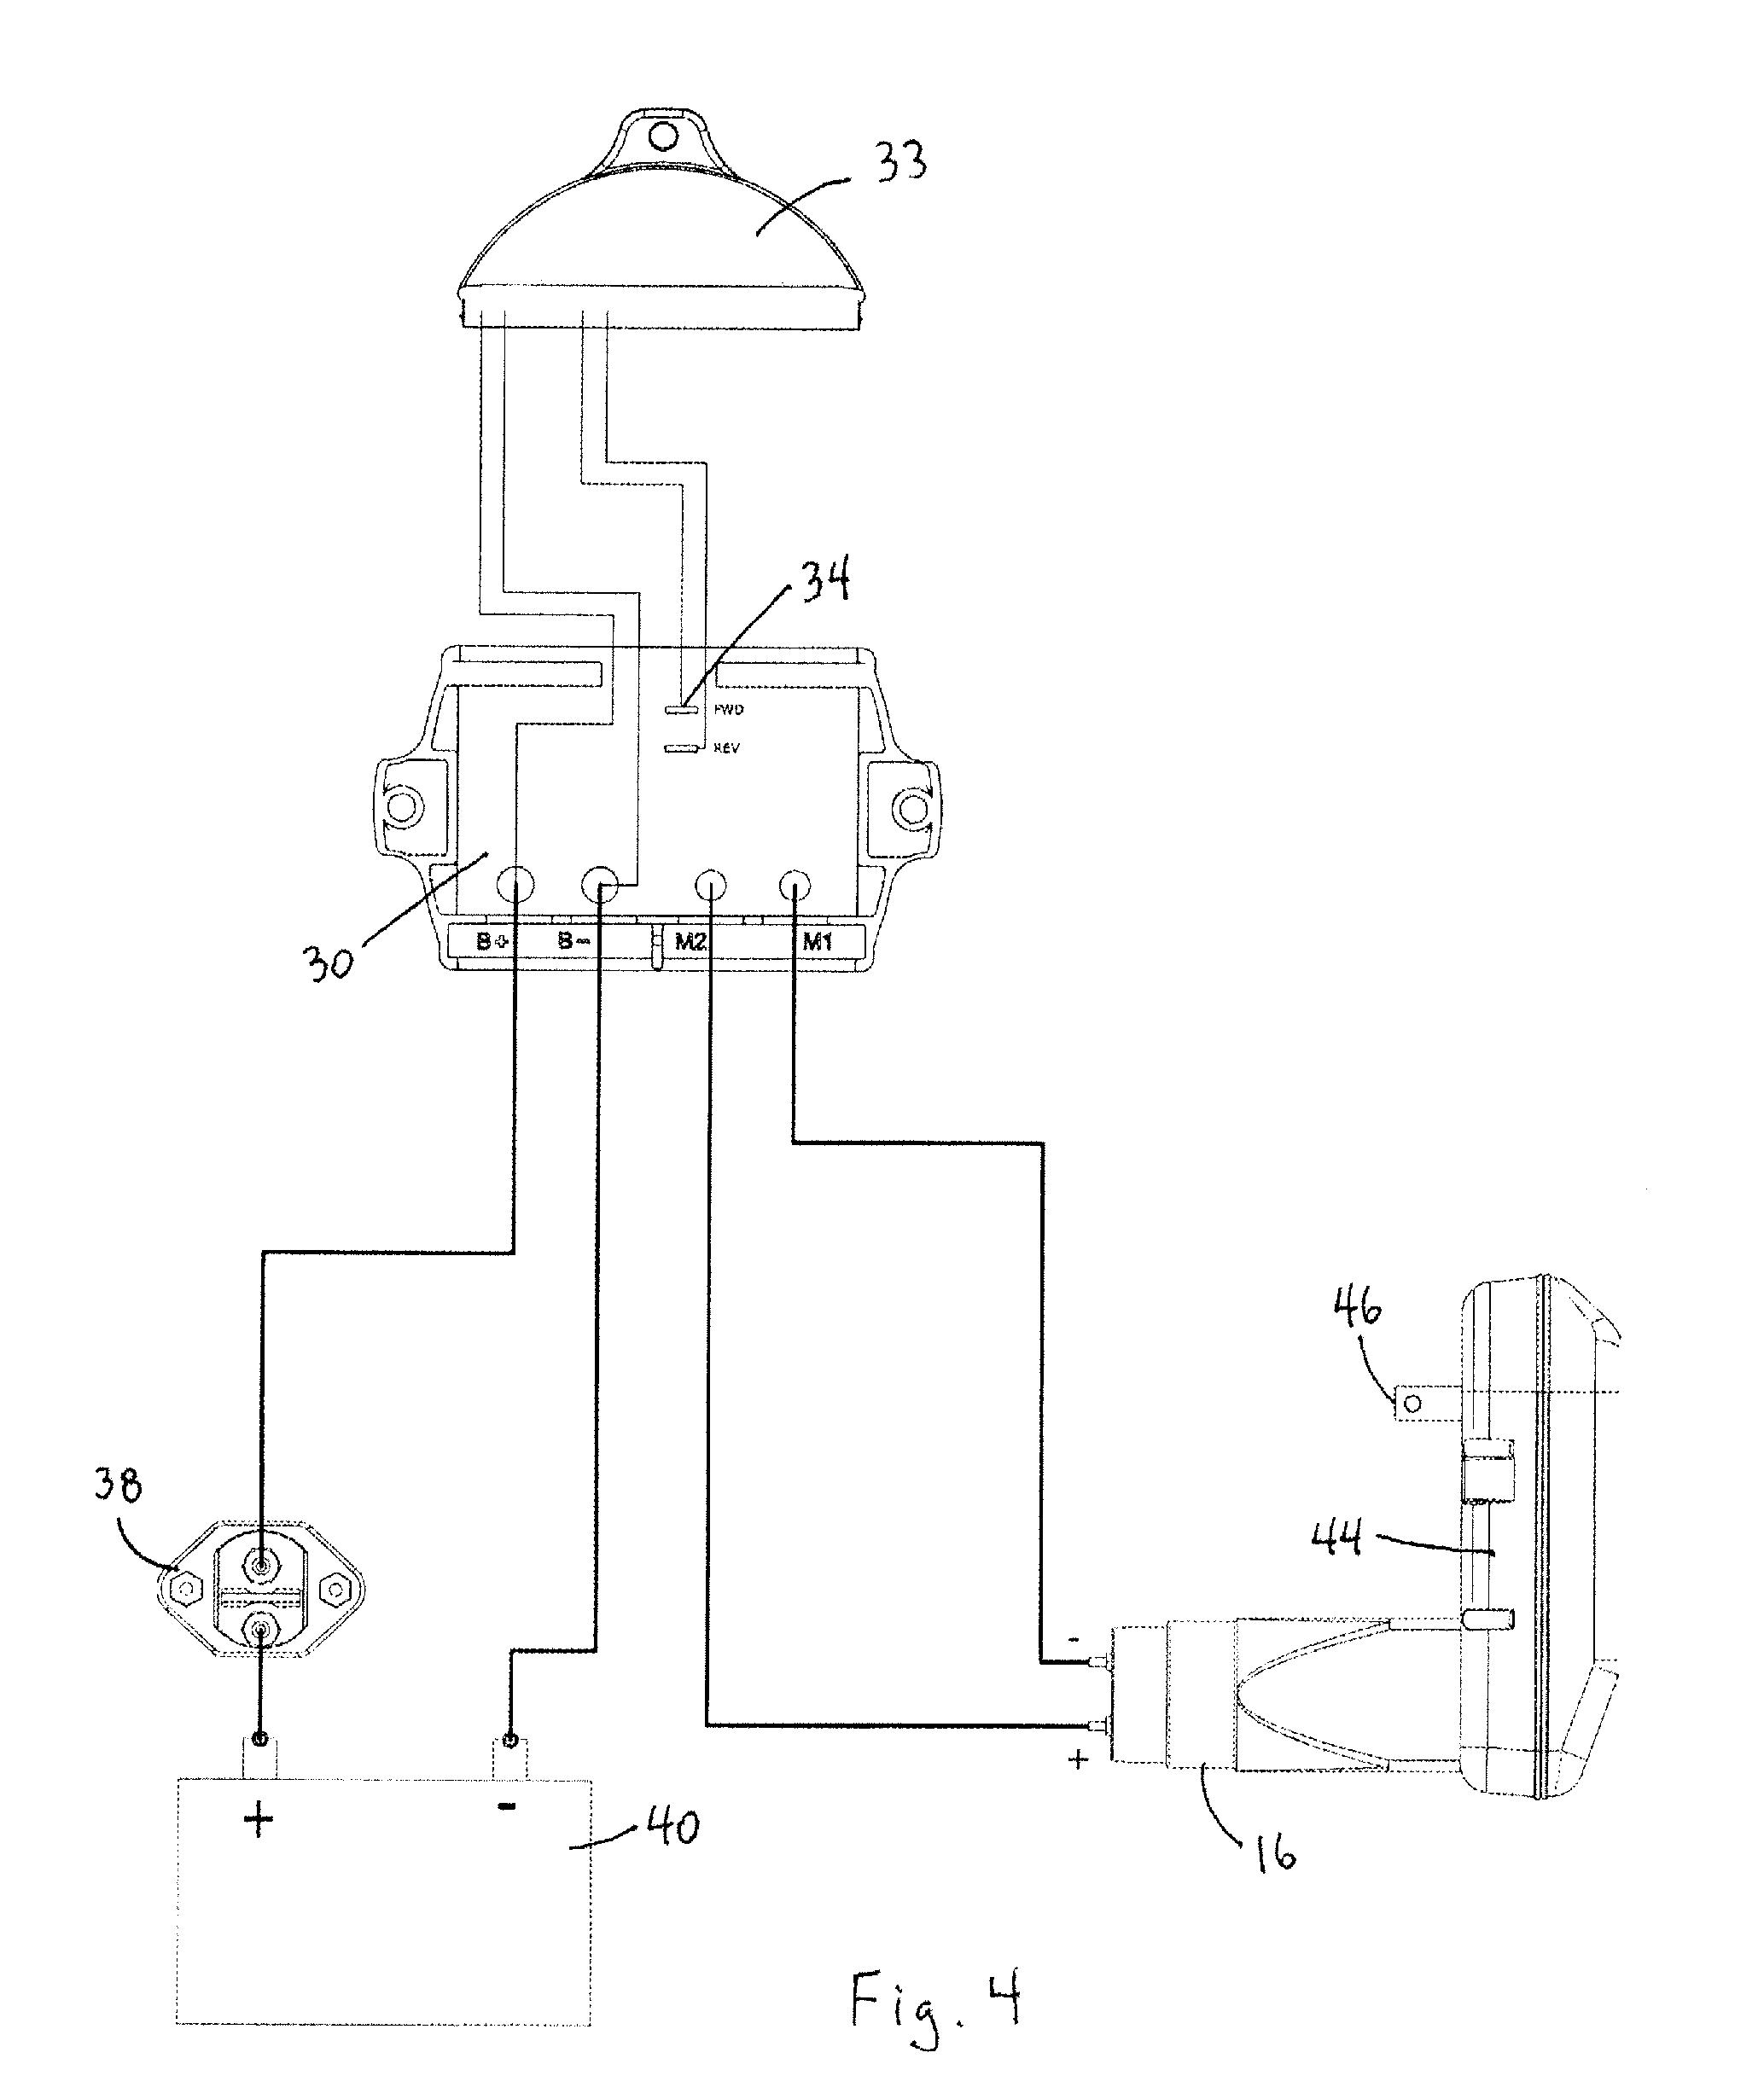 tarp gear motor 12 volt wiring diagram